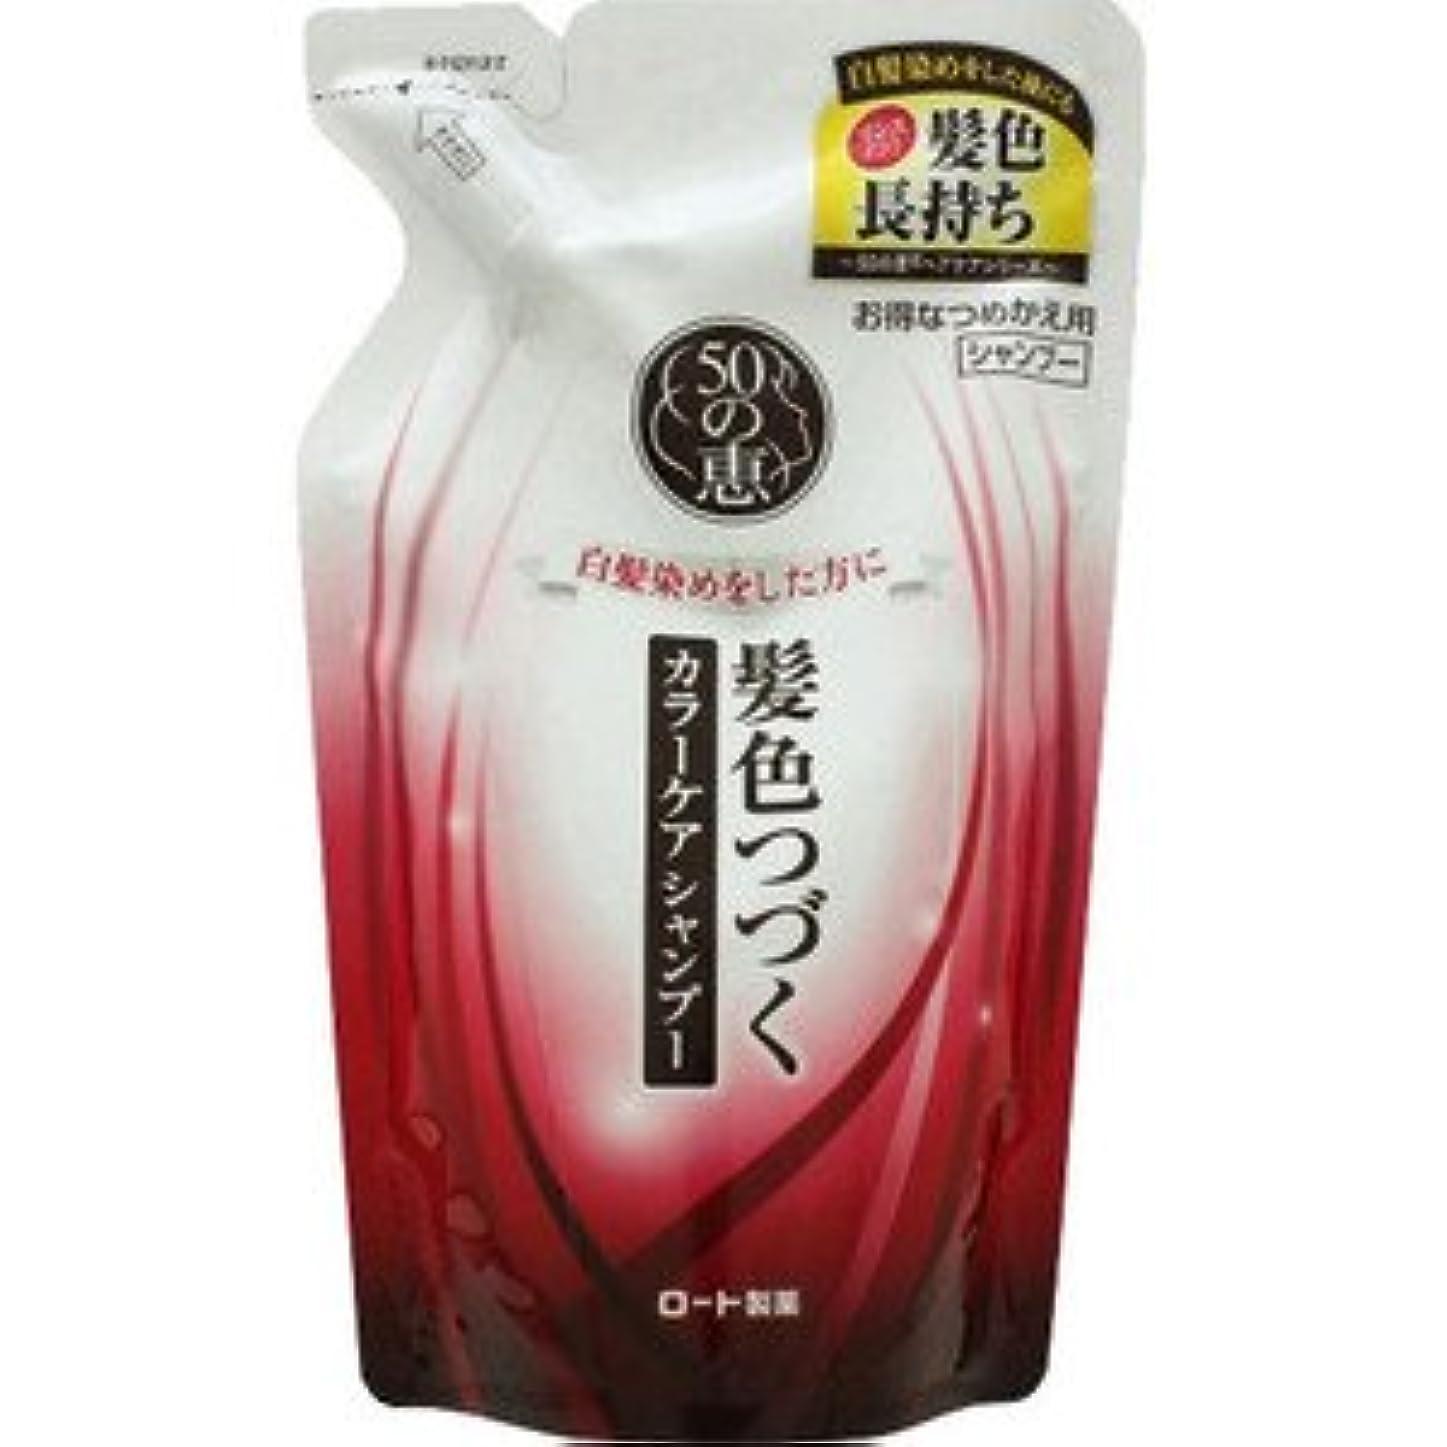 たぶん王室インターネット(ロート製薬)50の恵 髪色つづく カラーケア シャンプー(つめかえ用) 330ml(お買い得3個セット)